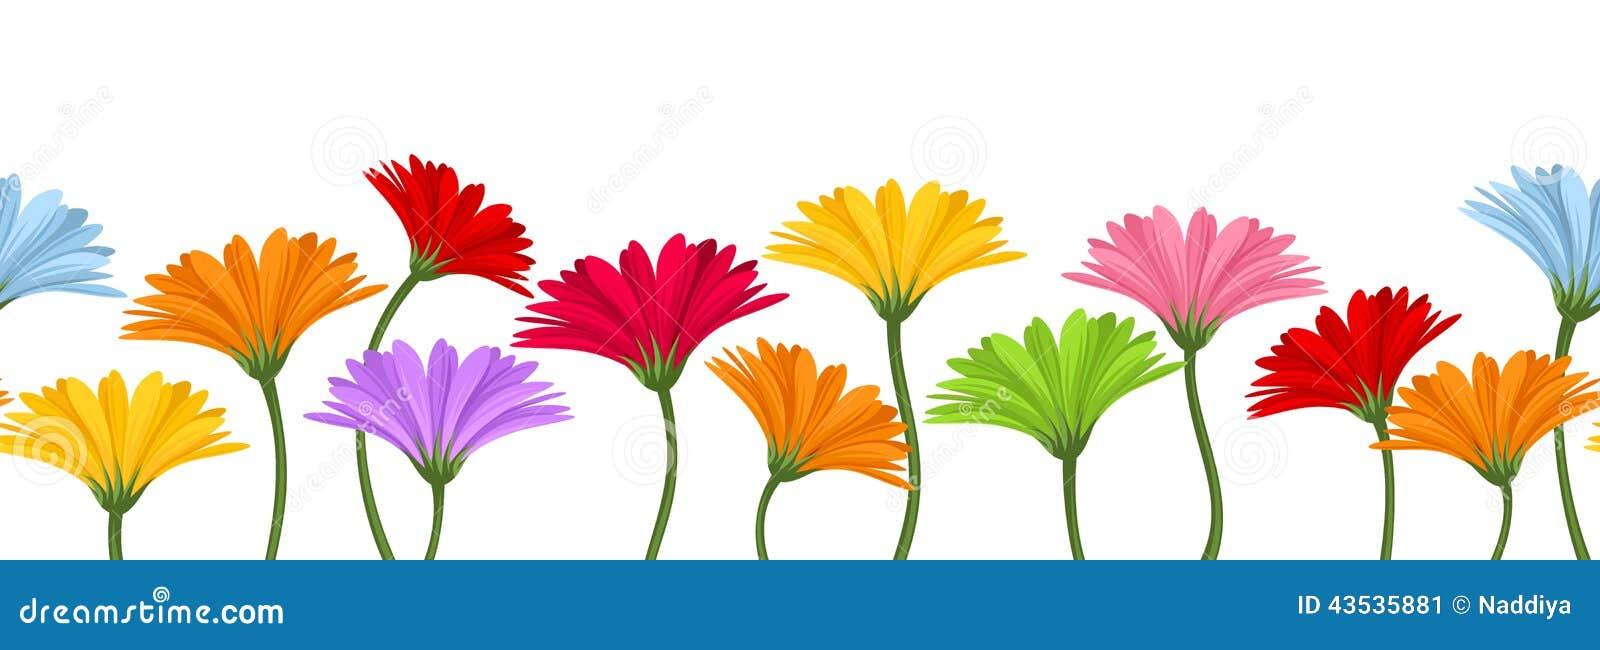 Horyzontalny bezszwowy tło z kolorowymi gerbera kwiatami również zwrócić corel ilustracji wektora